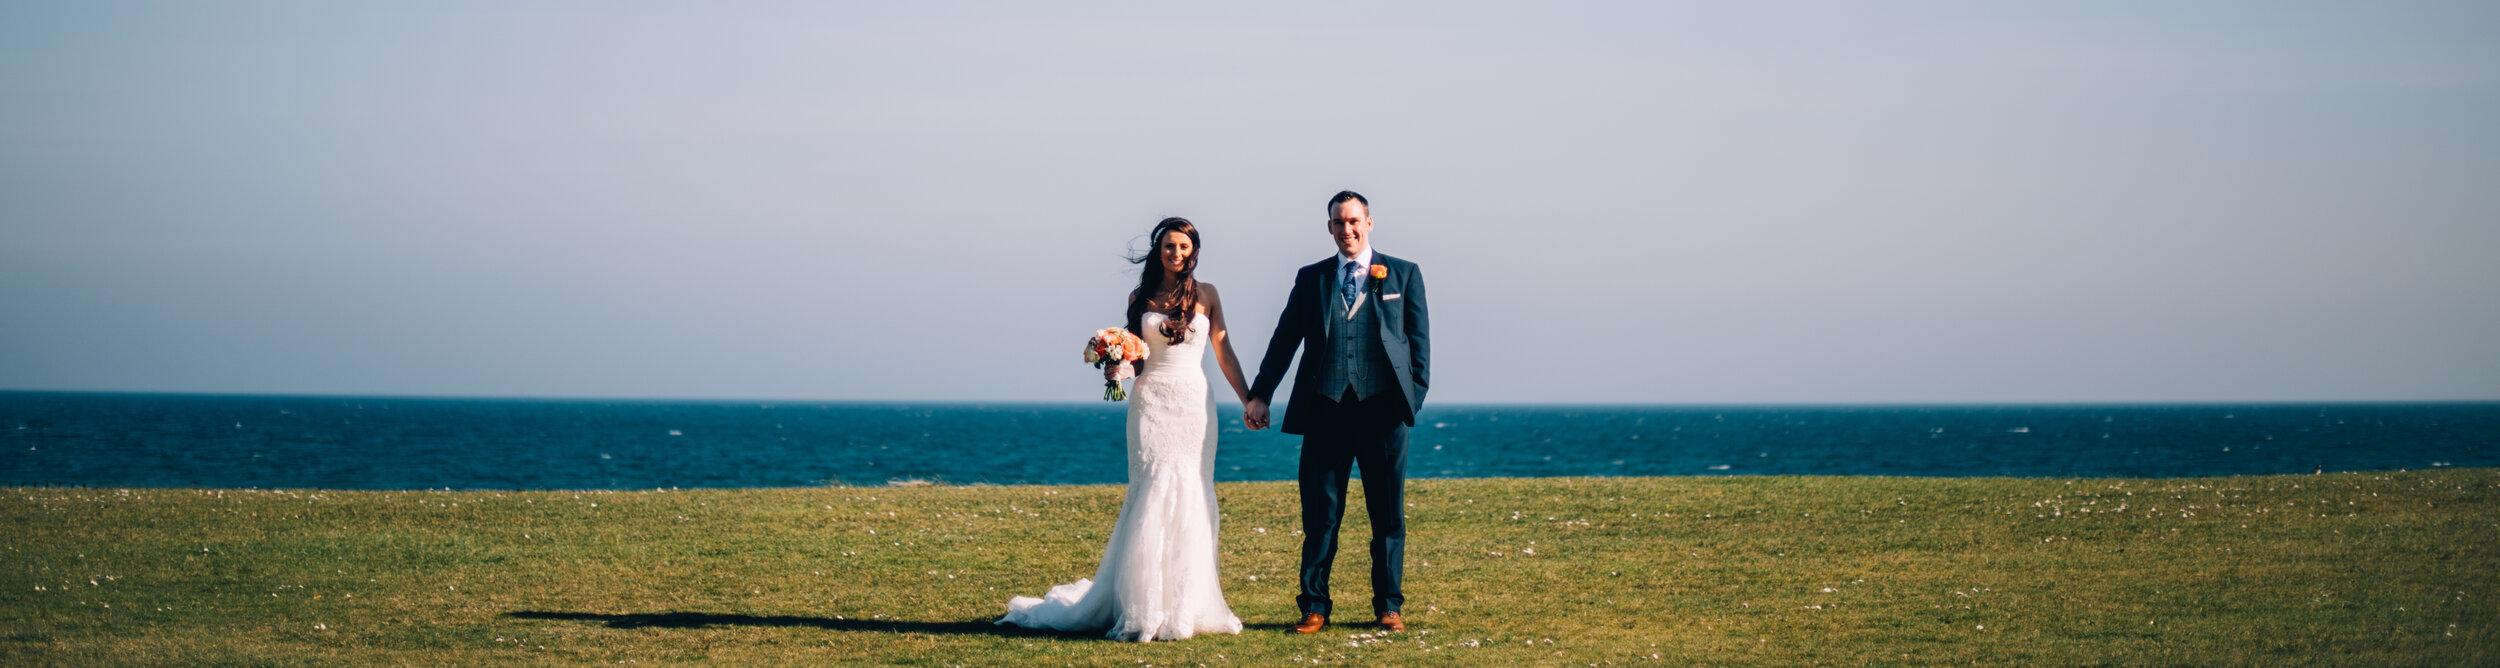 wedding hair bride and groom